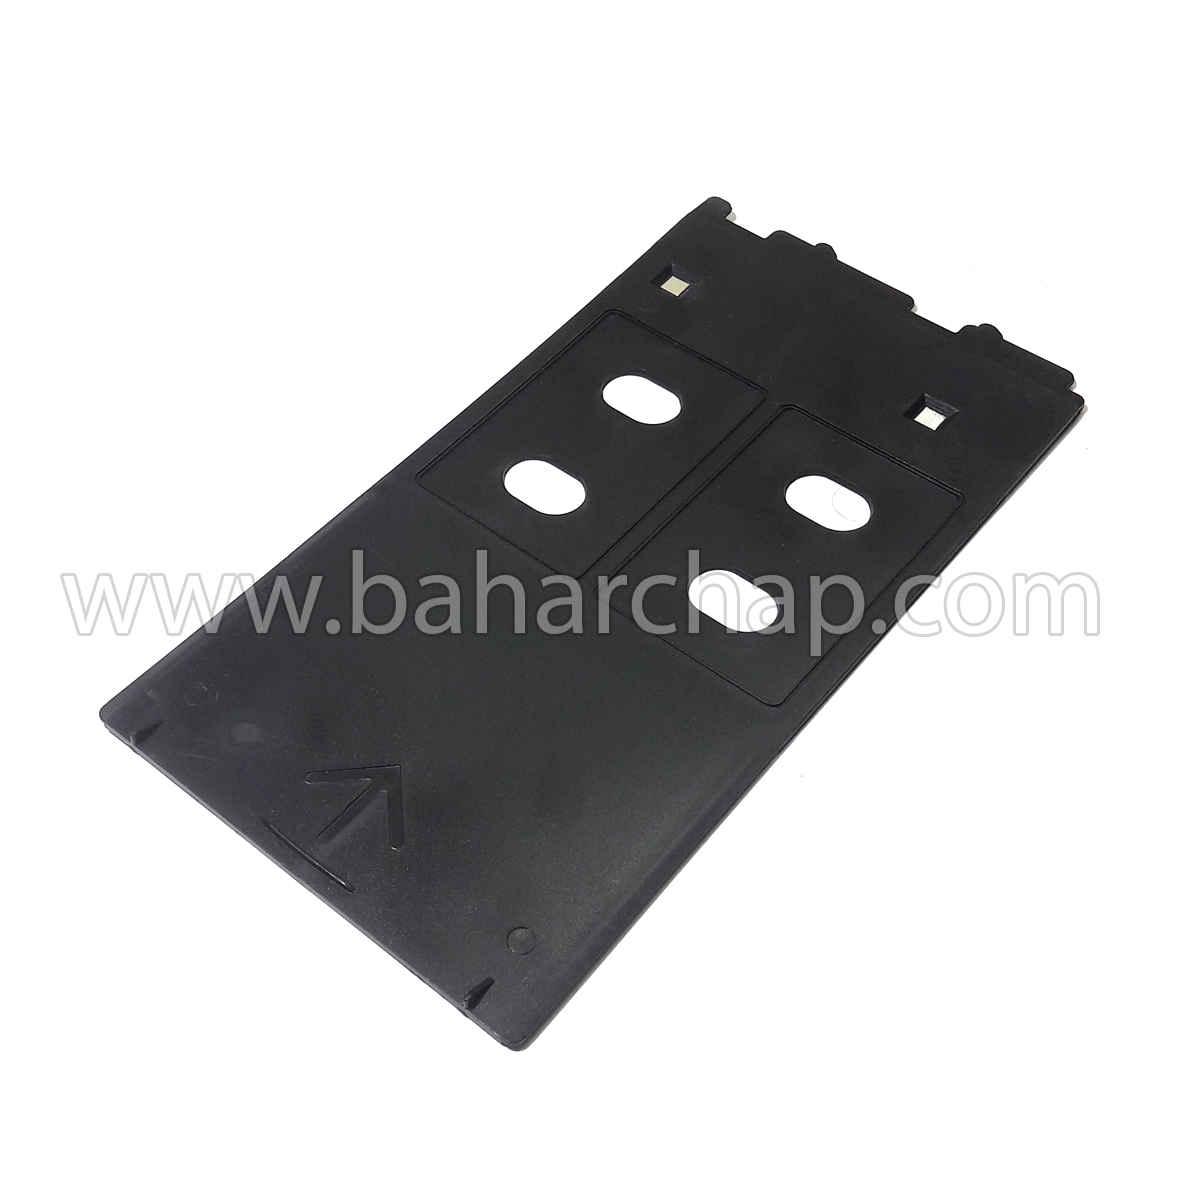 فروشگاه و خدمات اینترنتی بهارچاپ اصفهان-سینی مخصوص پرینت کارت PVC ویژه پرینترهای کانن  IP/MP/MG-PVC Card Tray for Canon IP/MP/MG Printers - Canon G Tray